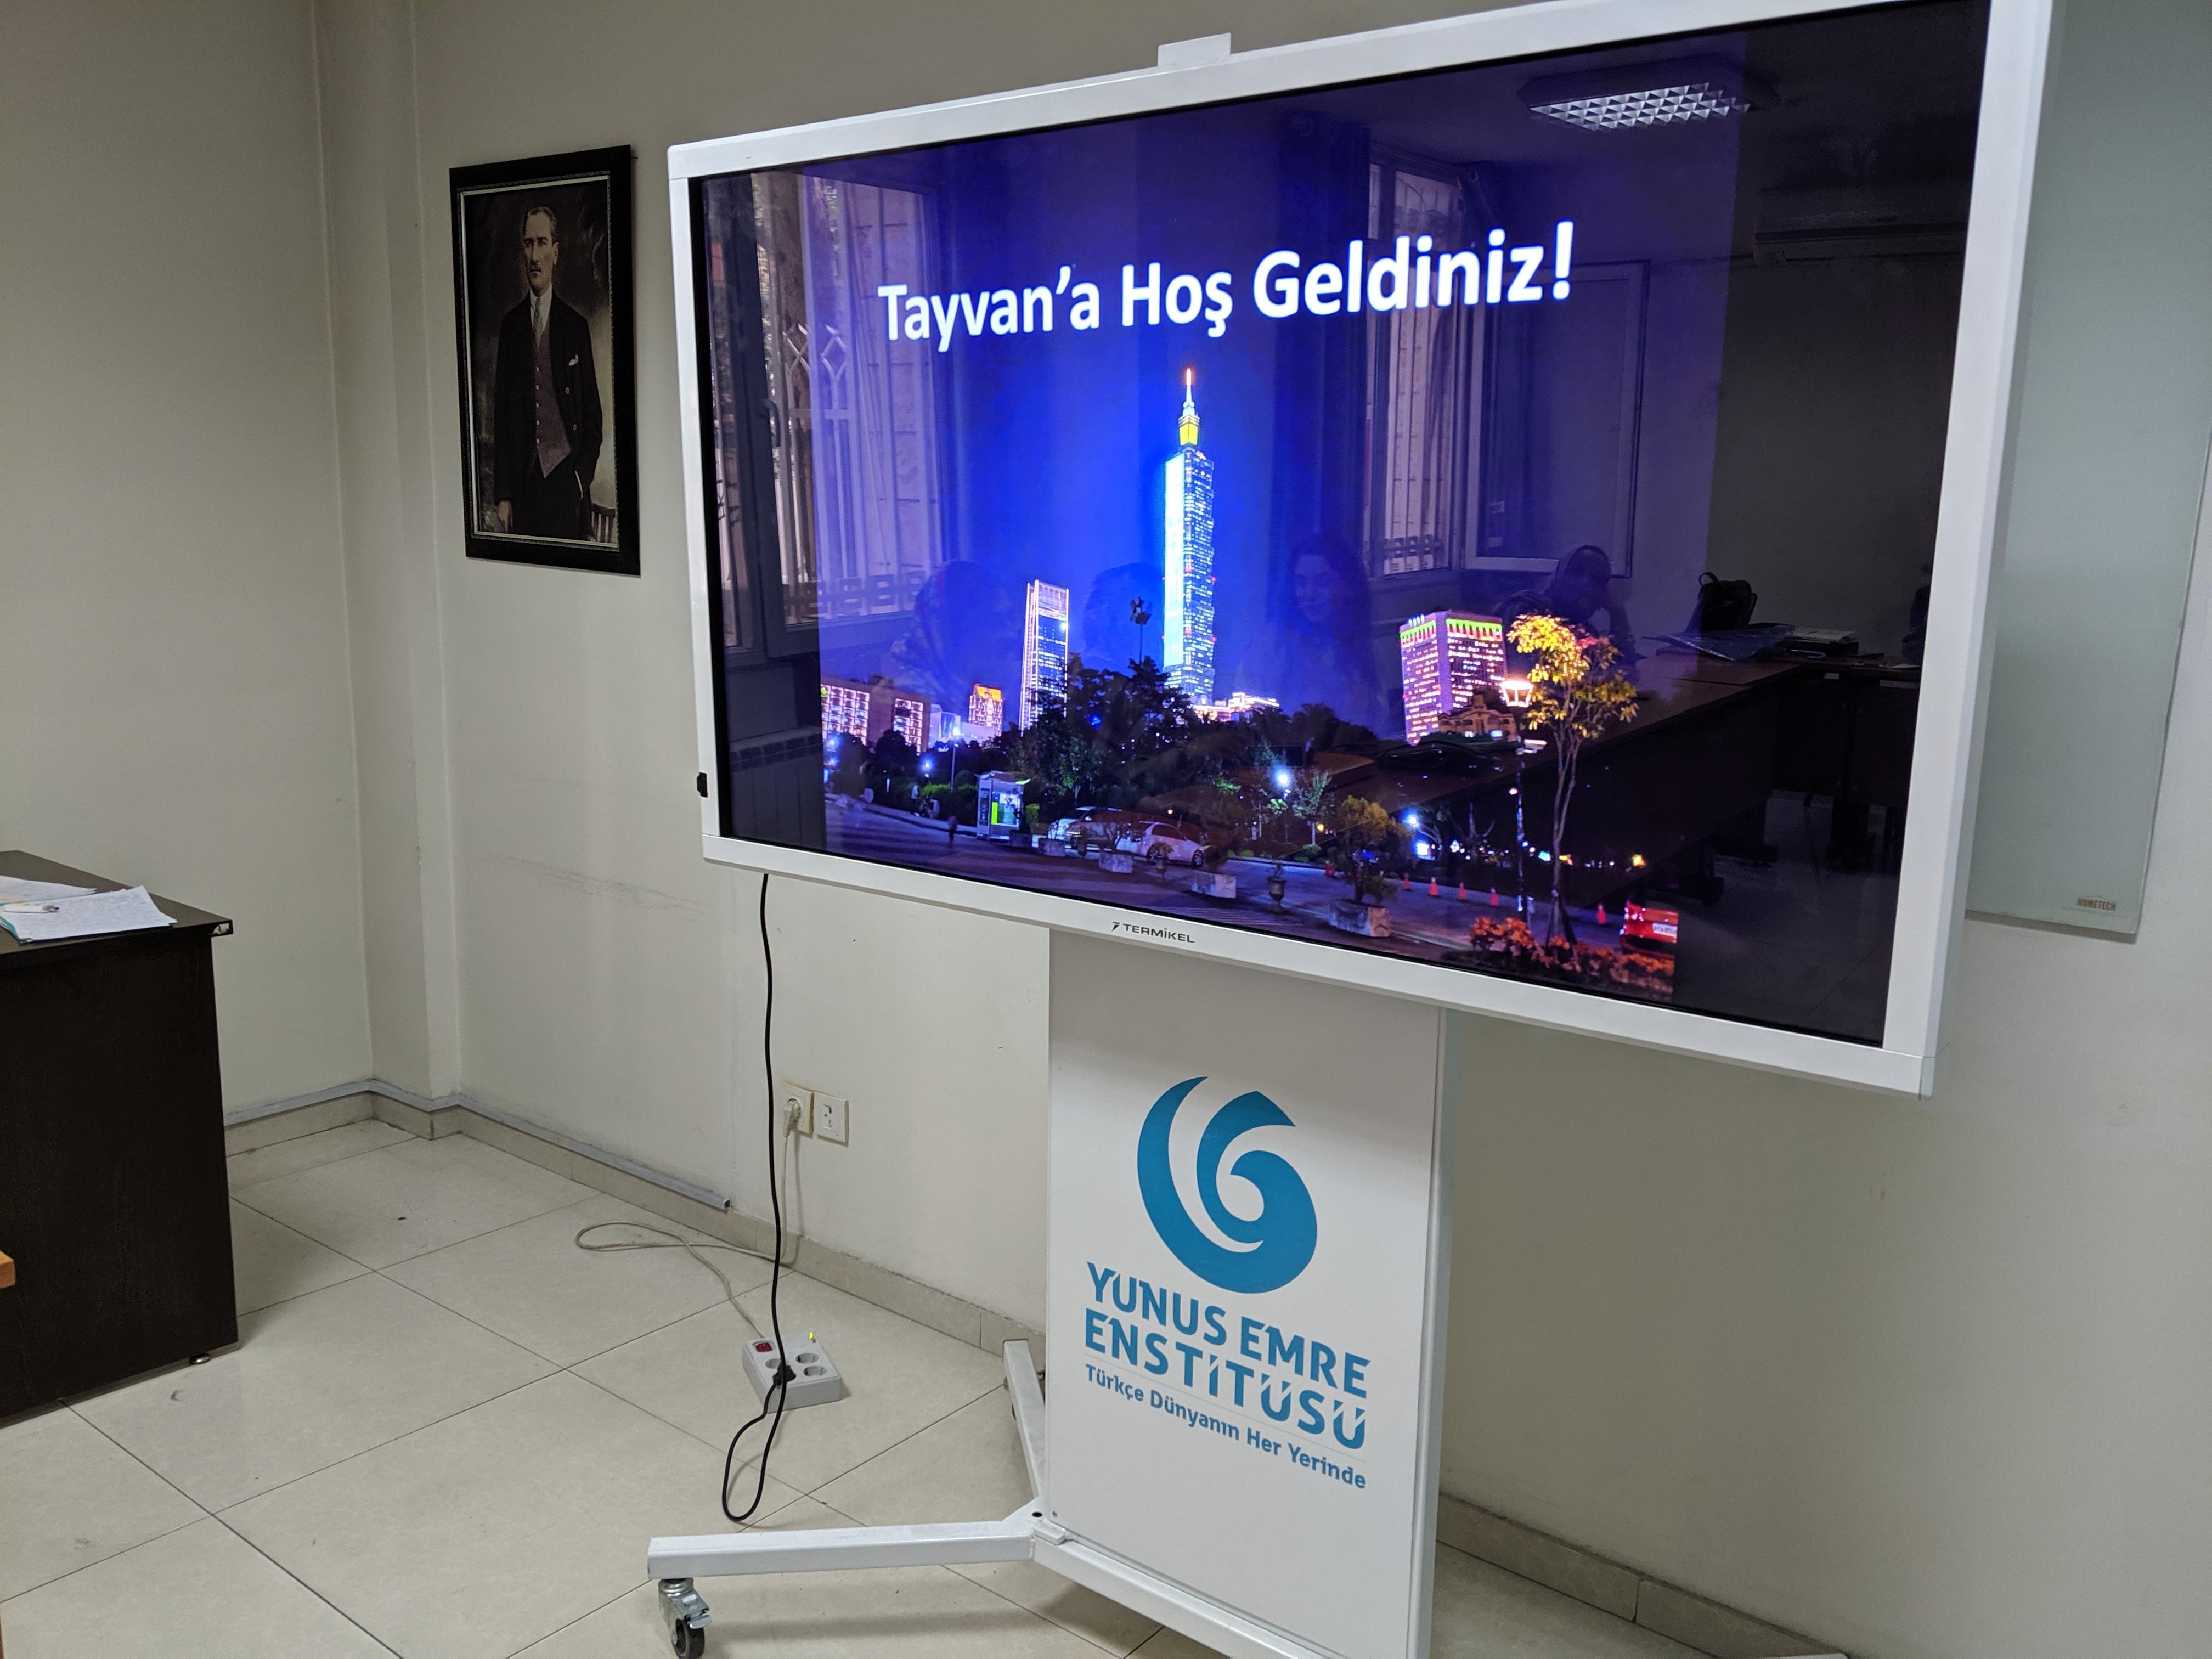 介紹台灣給在伊朗的老師與同學們